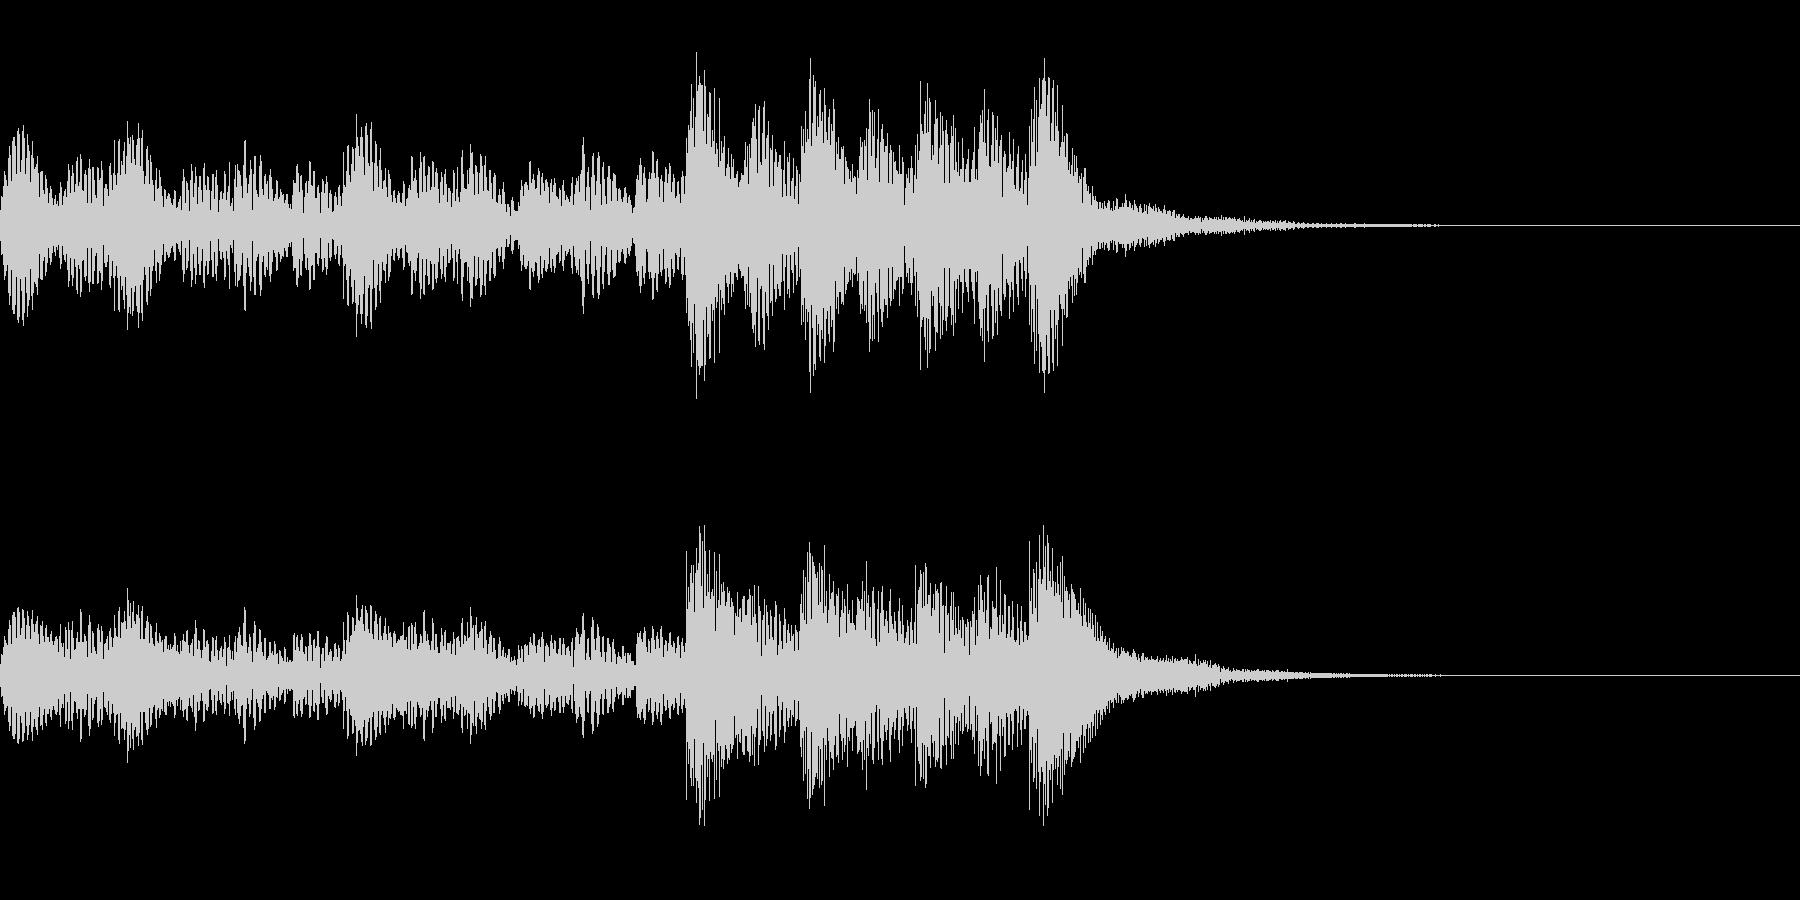 マリンバの力強いジングルの未再生の波形